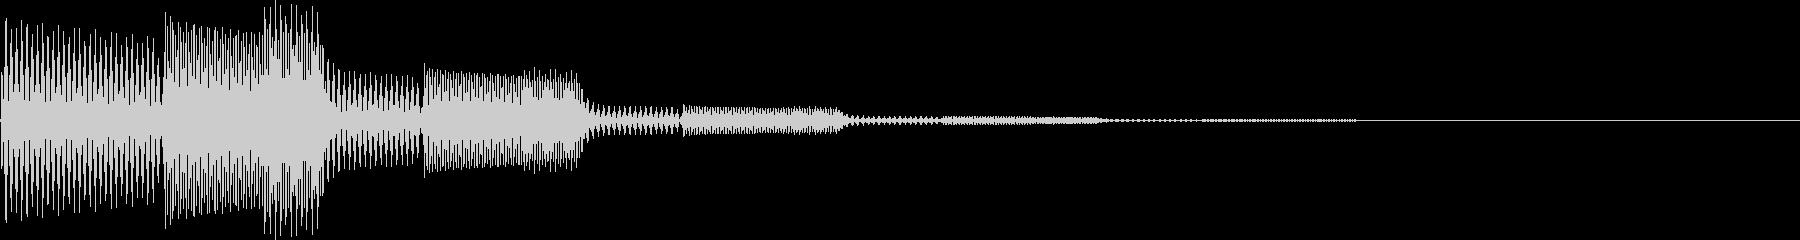 ピロン(決定、表示、カーソル移動)の未再生の波形